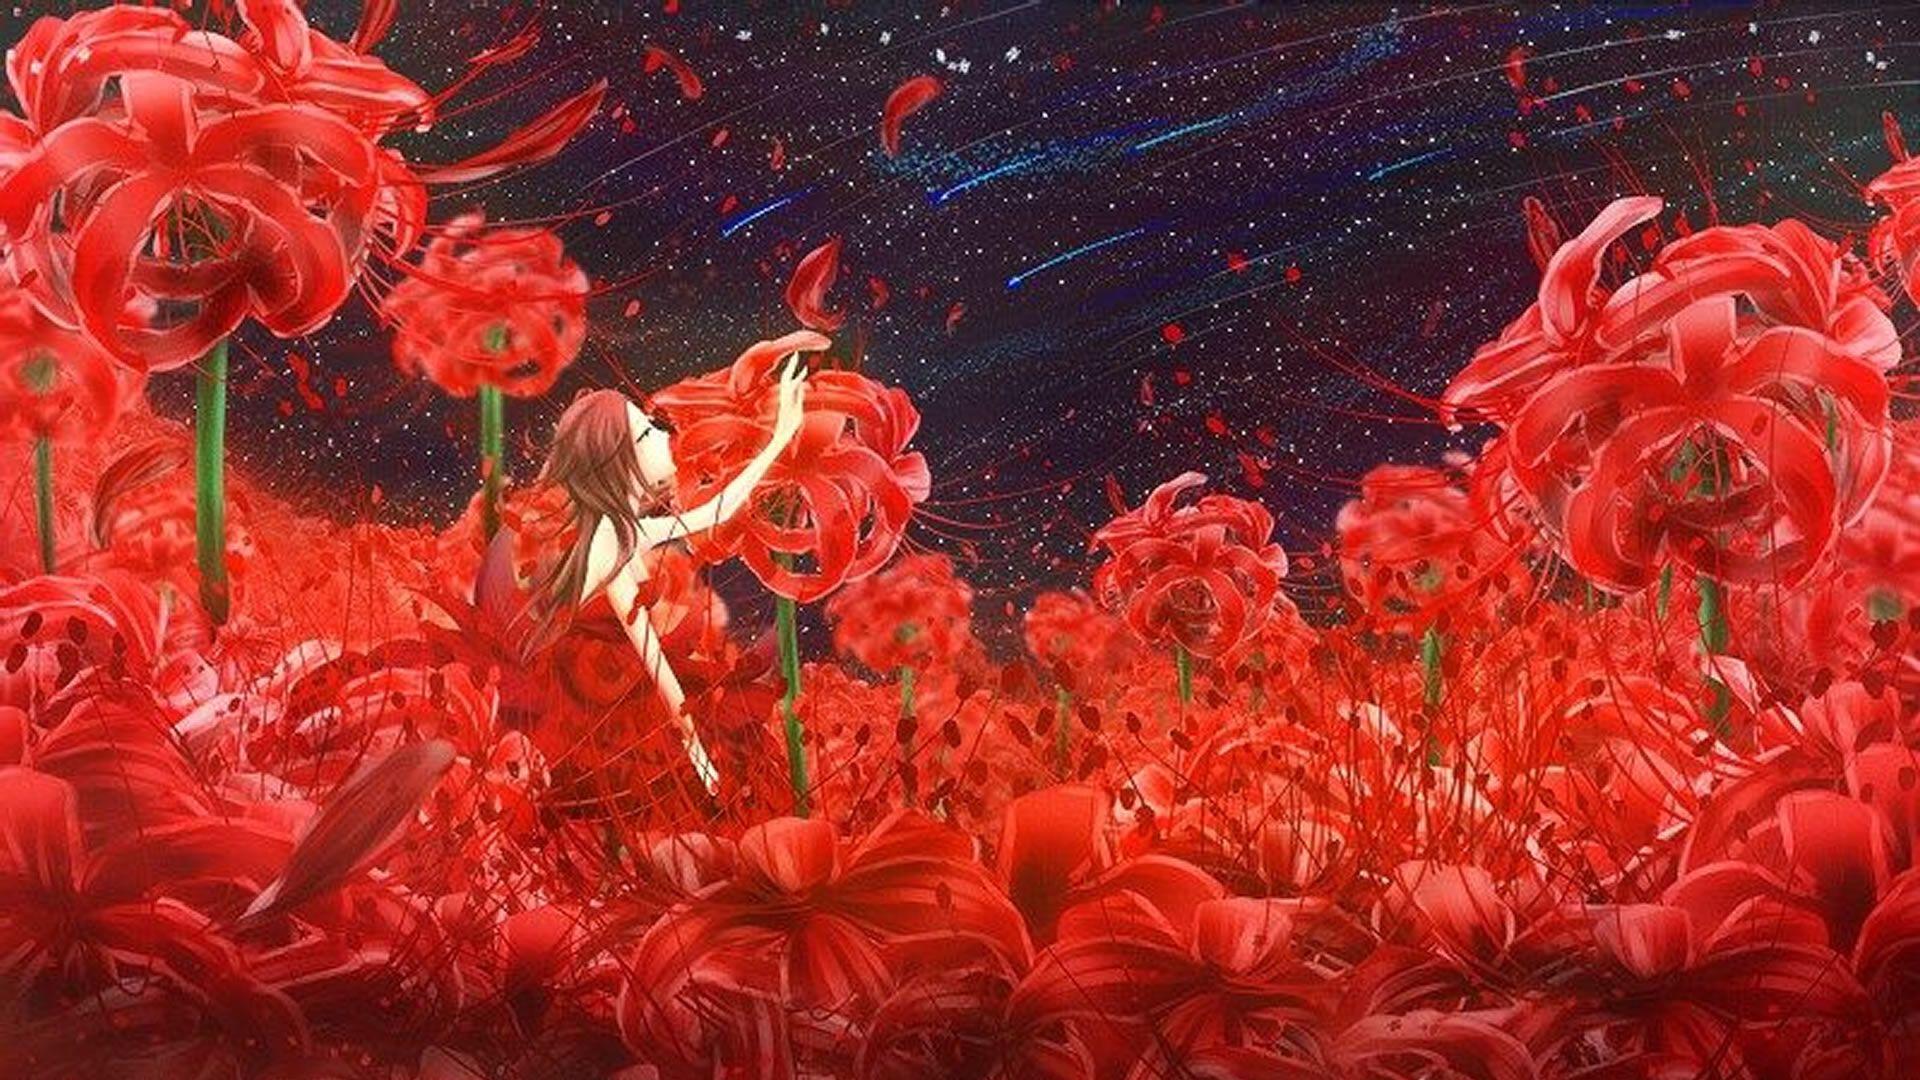 Hình ảnh hoa bỉ ngạn Anime đơn giản mà đẹp